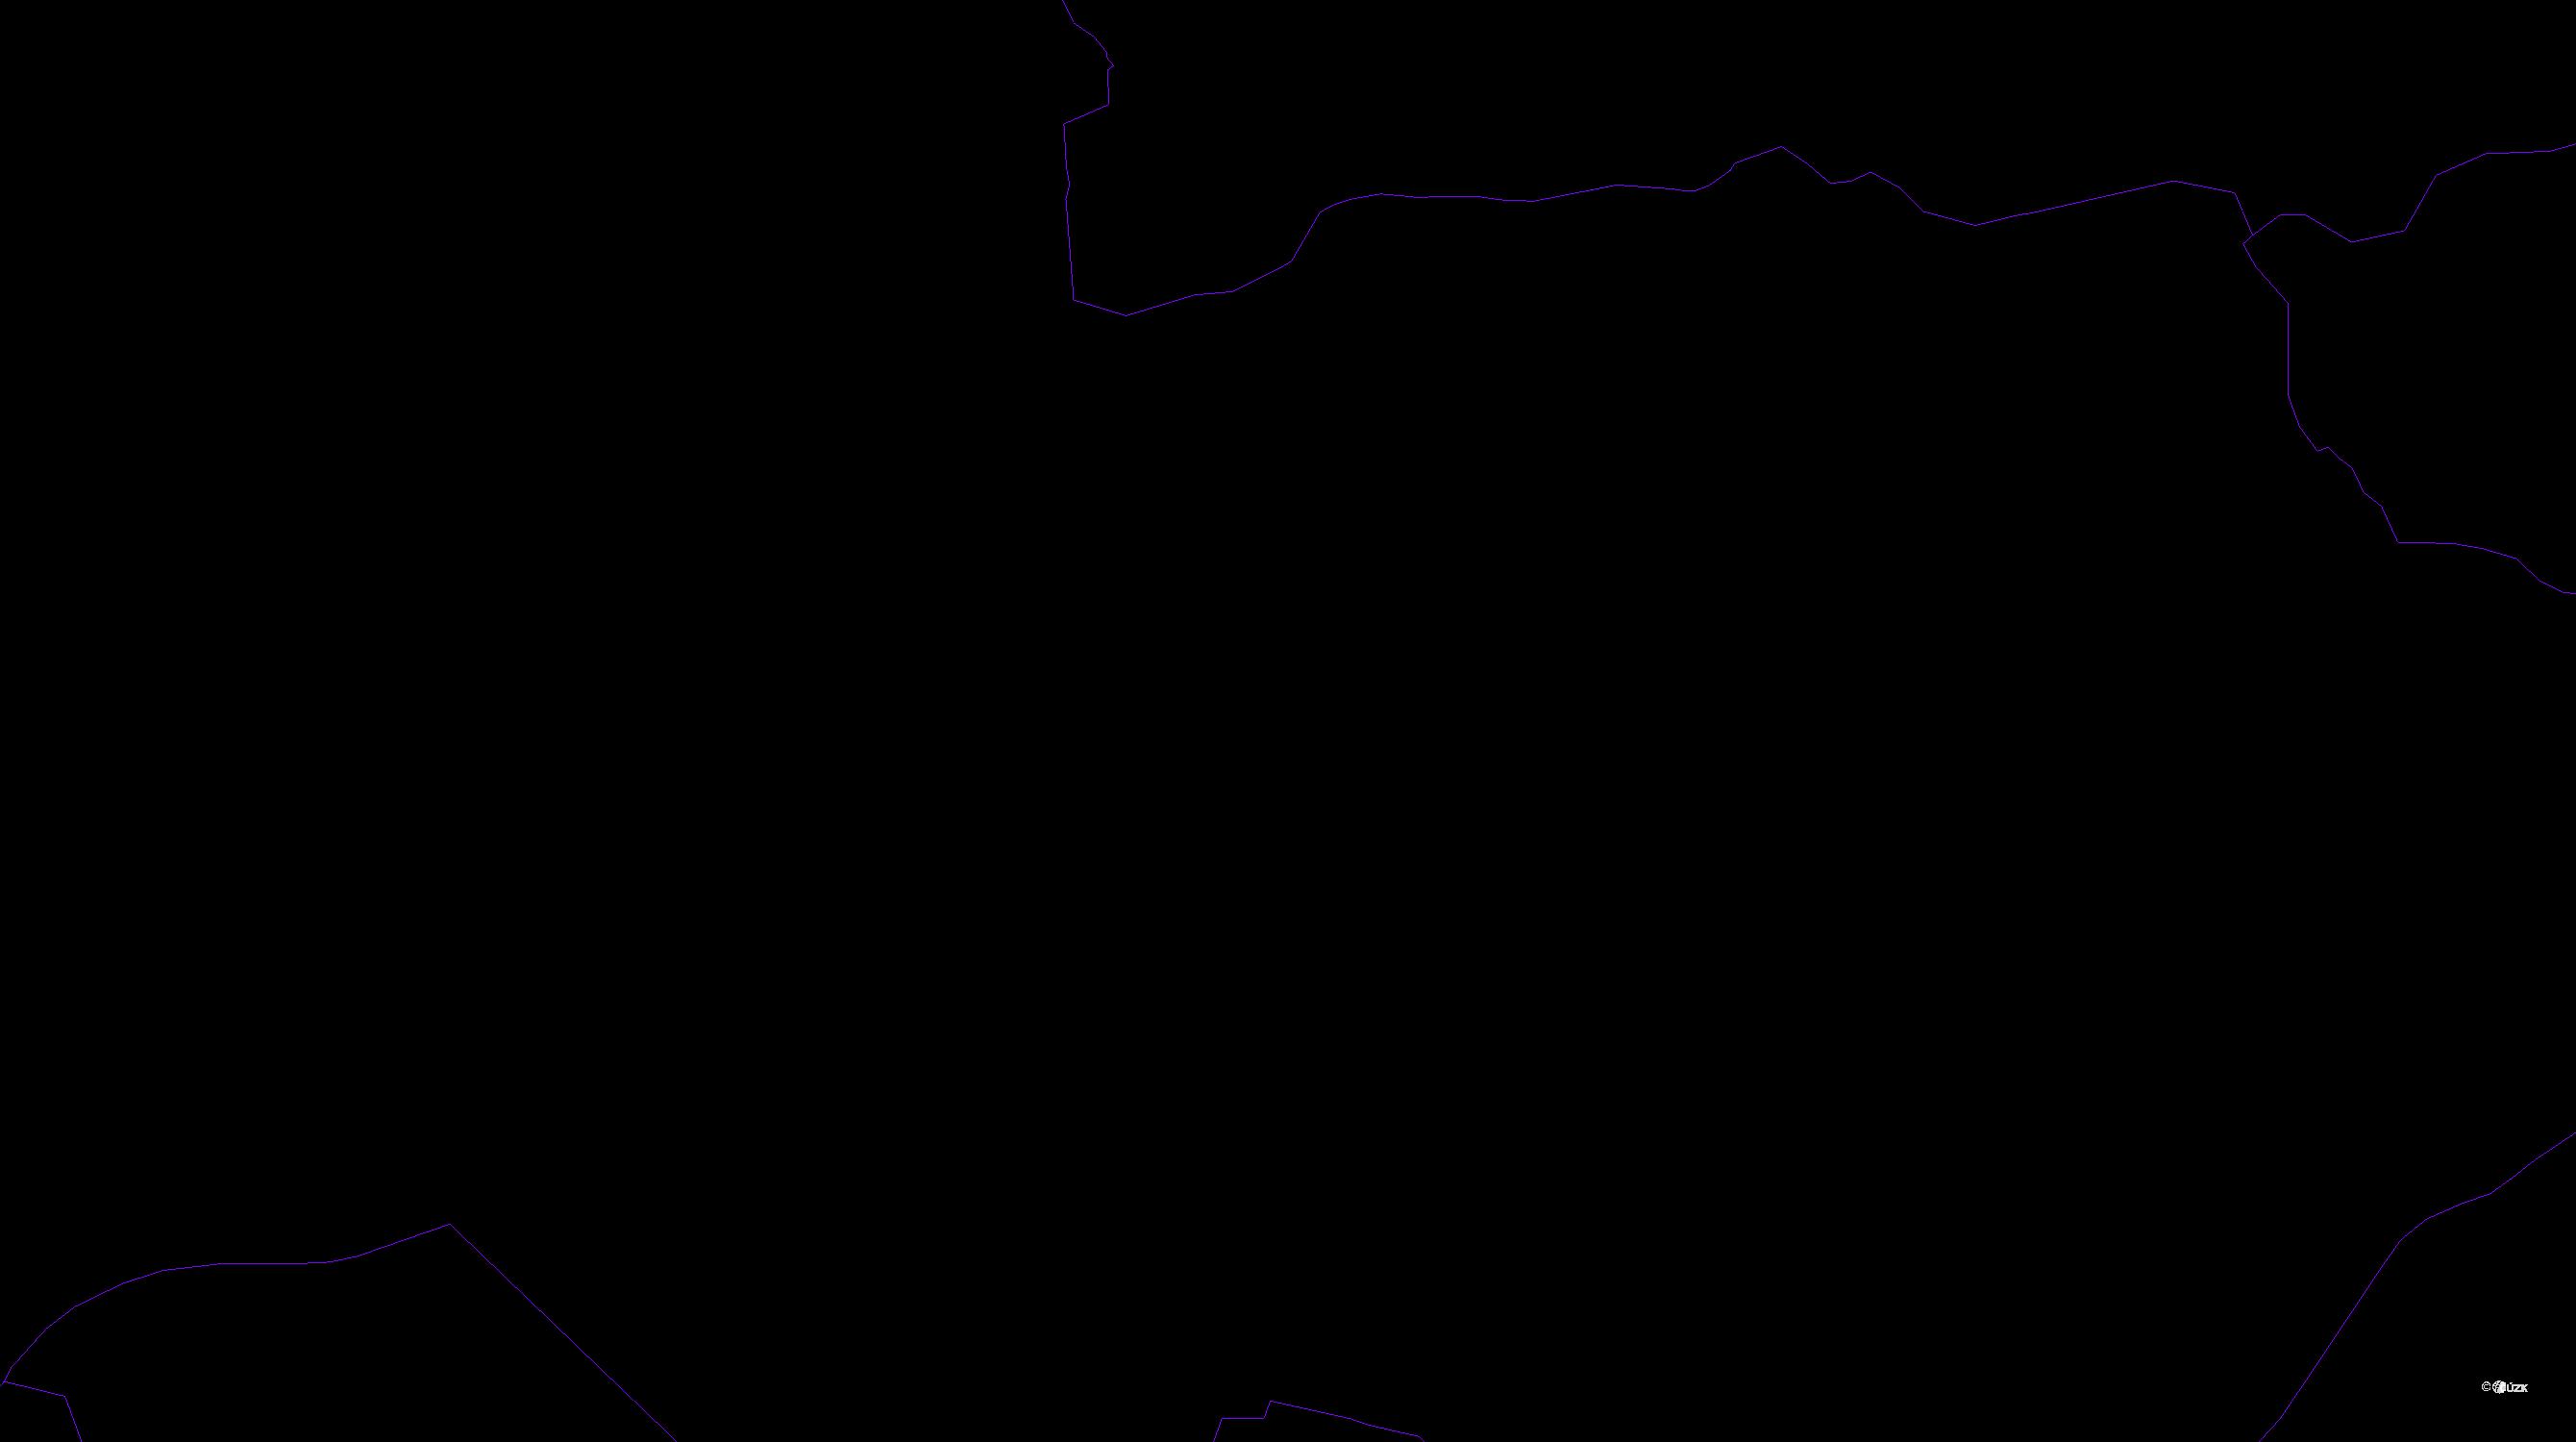 Katastrální mapa pozemků a čísla parcel Jablonecké Paseky